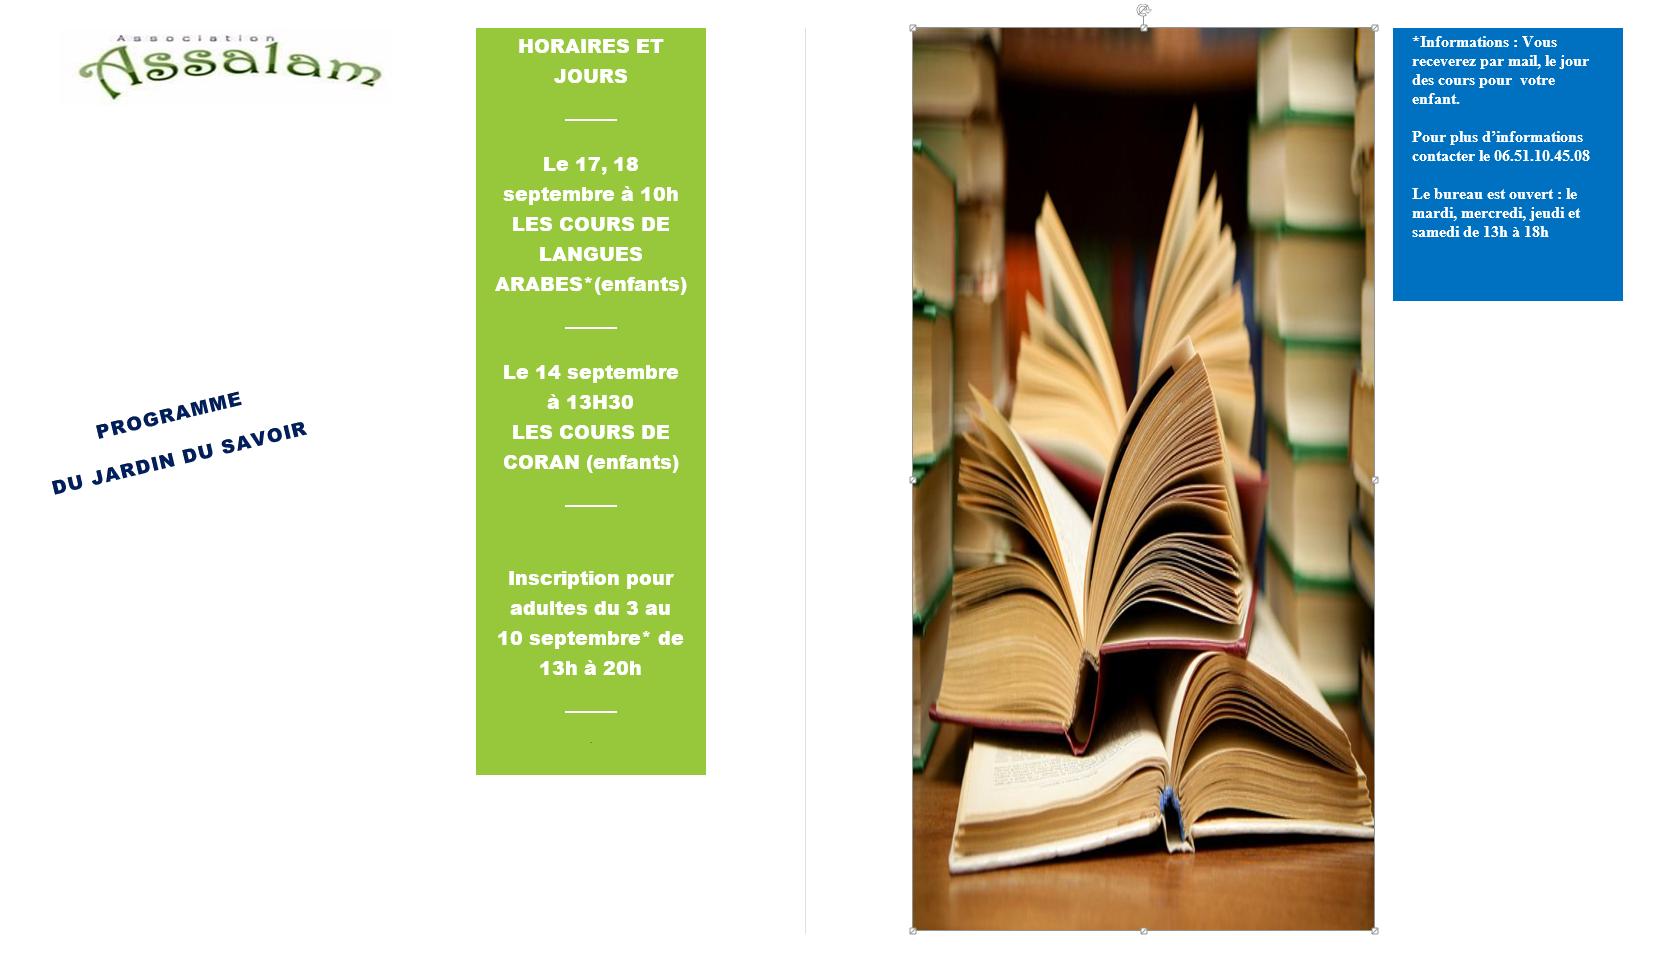 Programme du jardin du savoir association assalam for Programme jardin